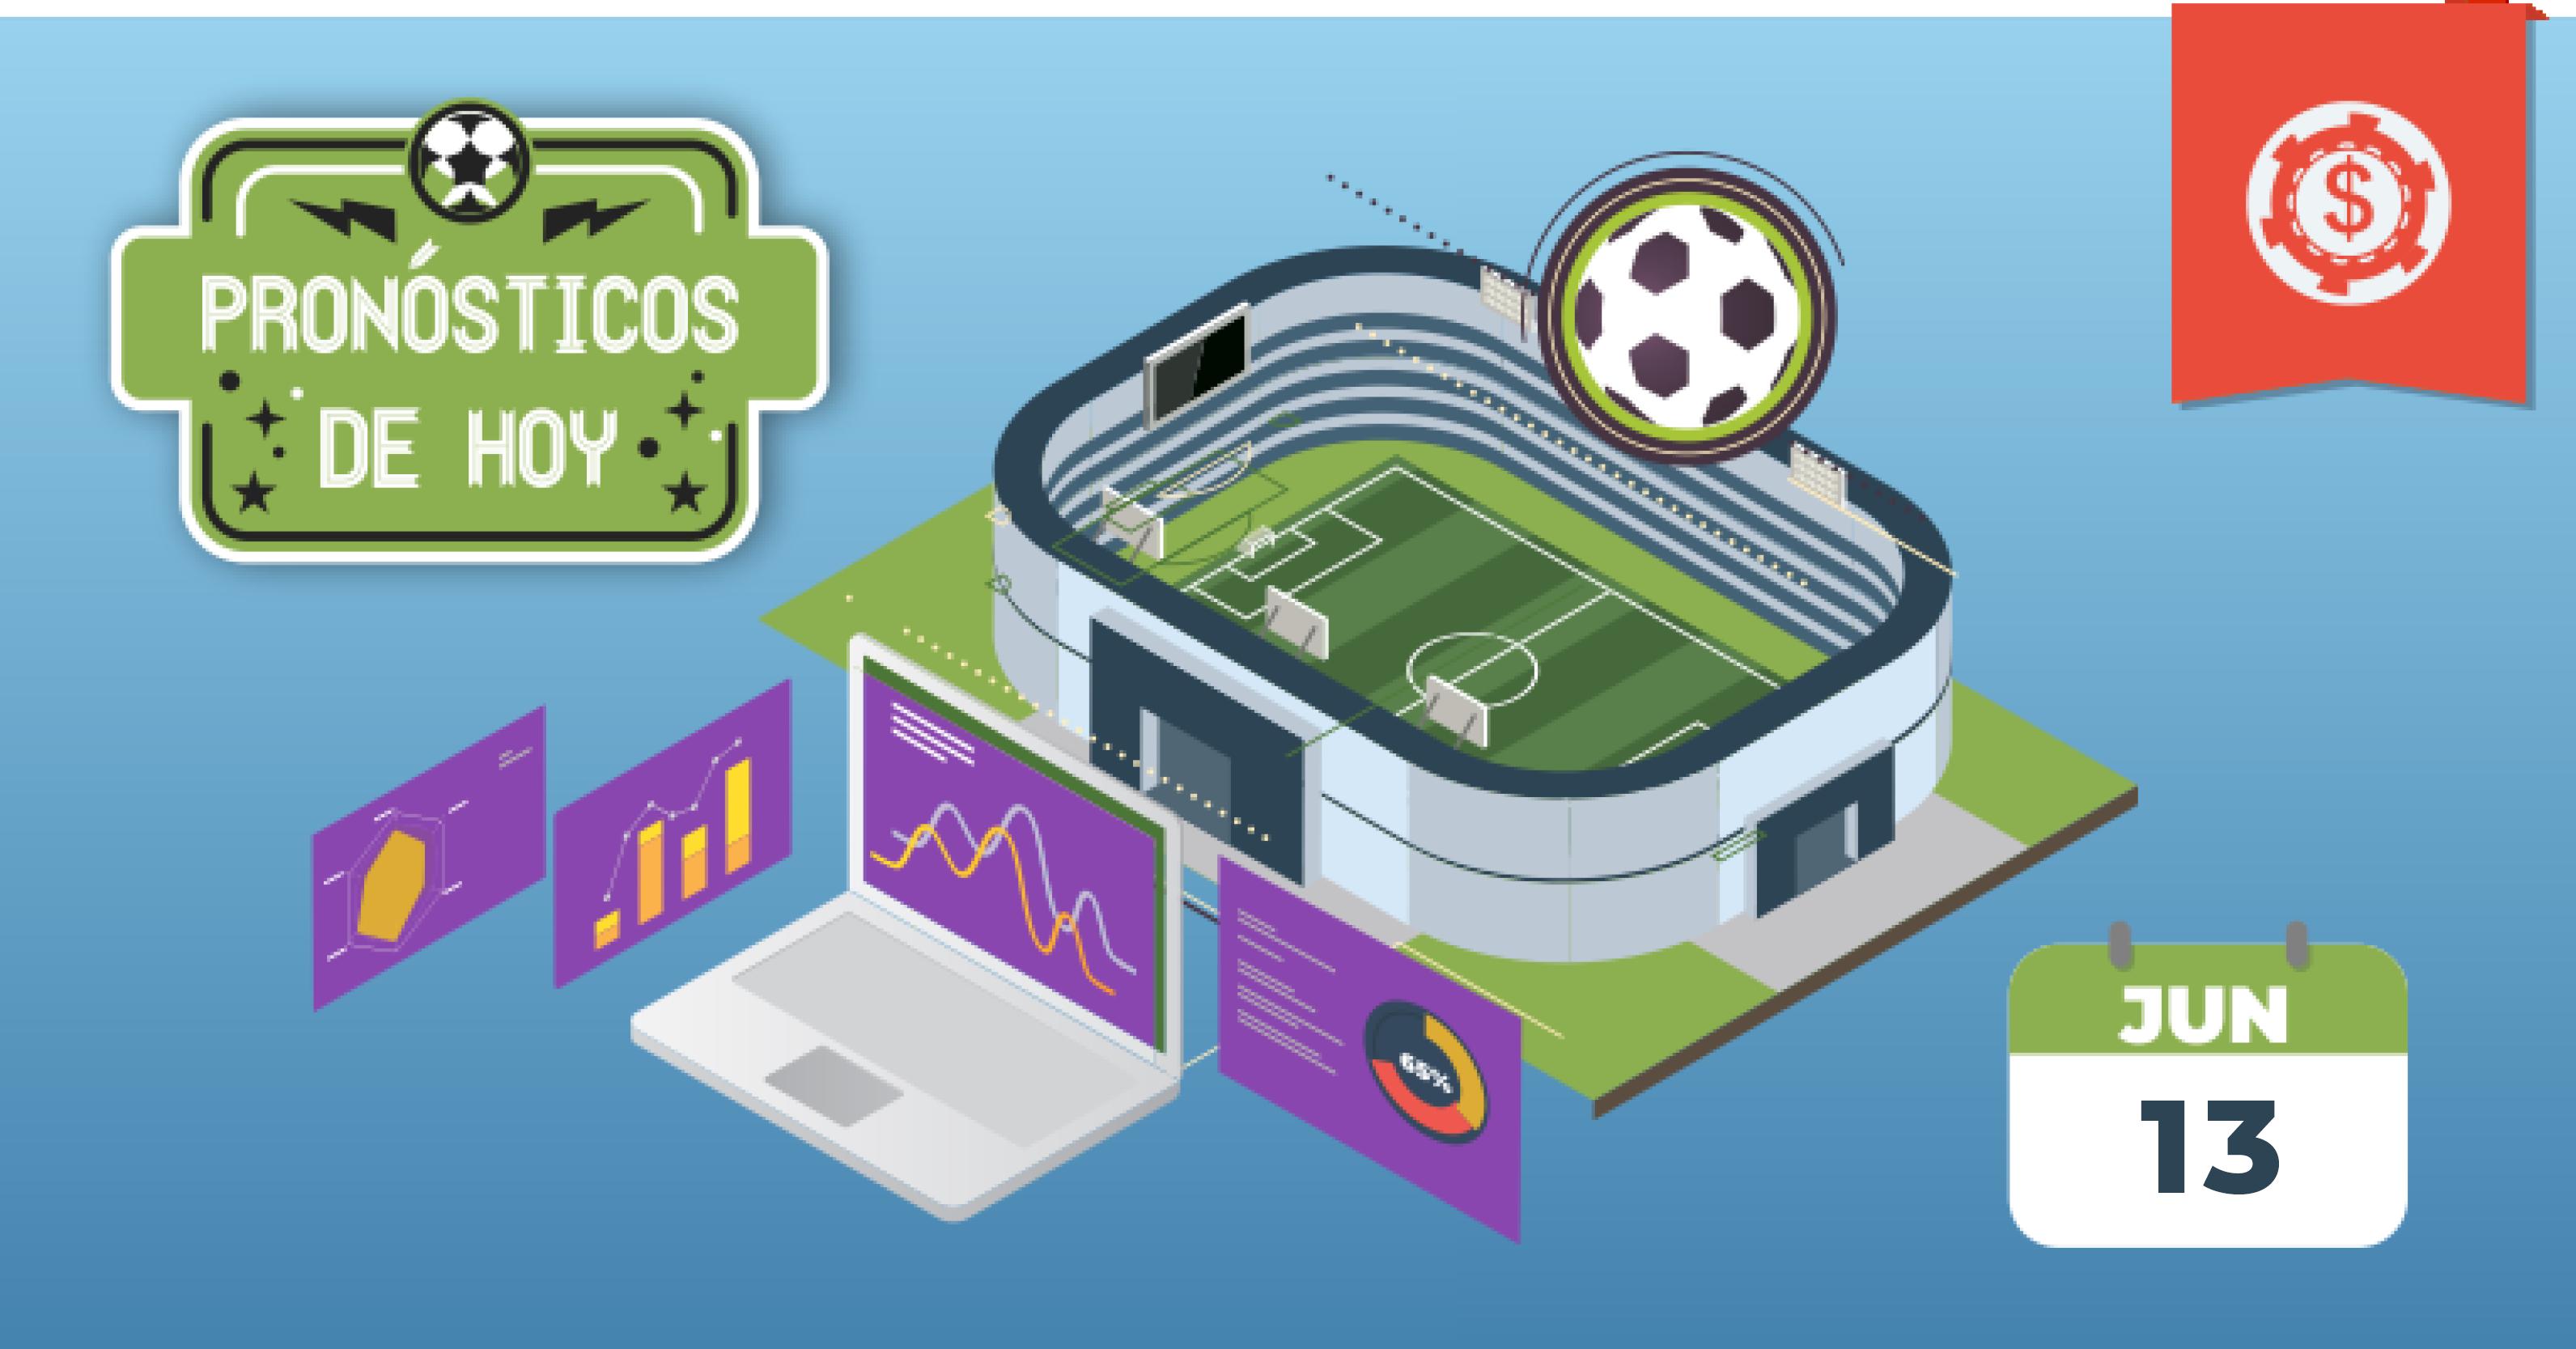 pronosticos-futbol-hoy-predicciones-13-junio-2019-1